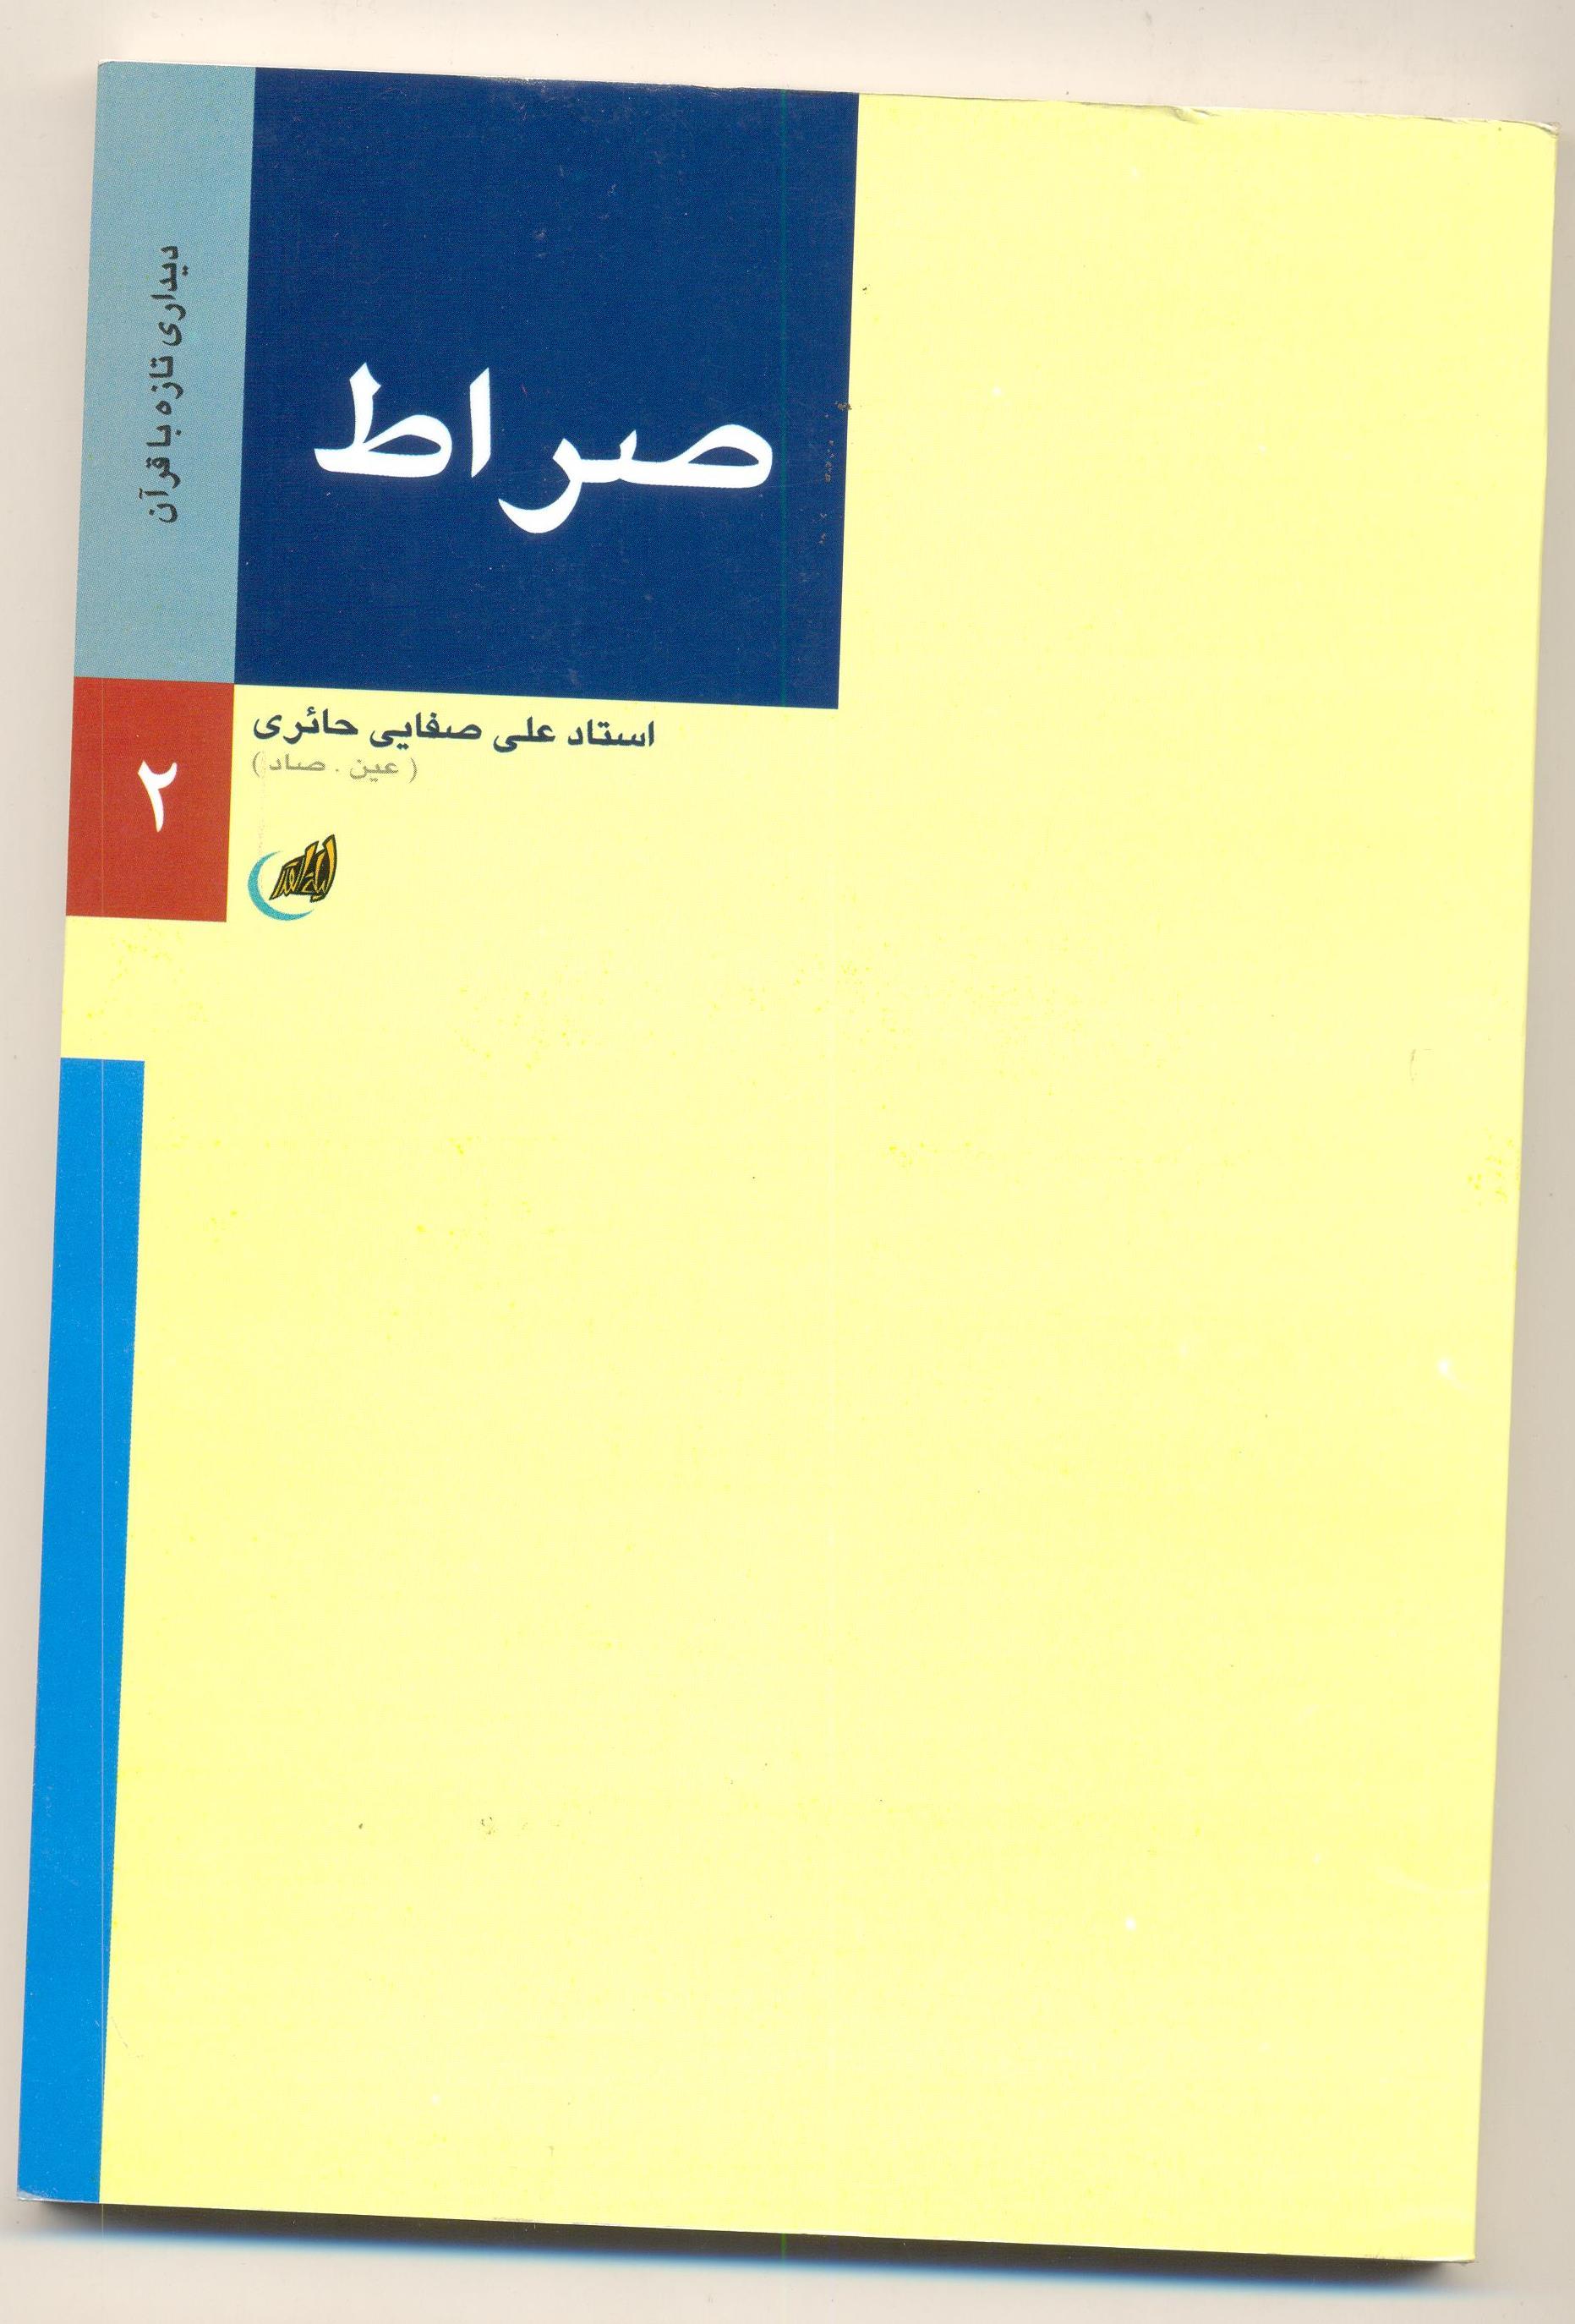 کتاب ماه خرداد ماه 96